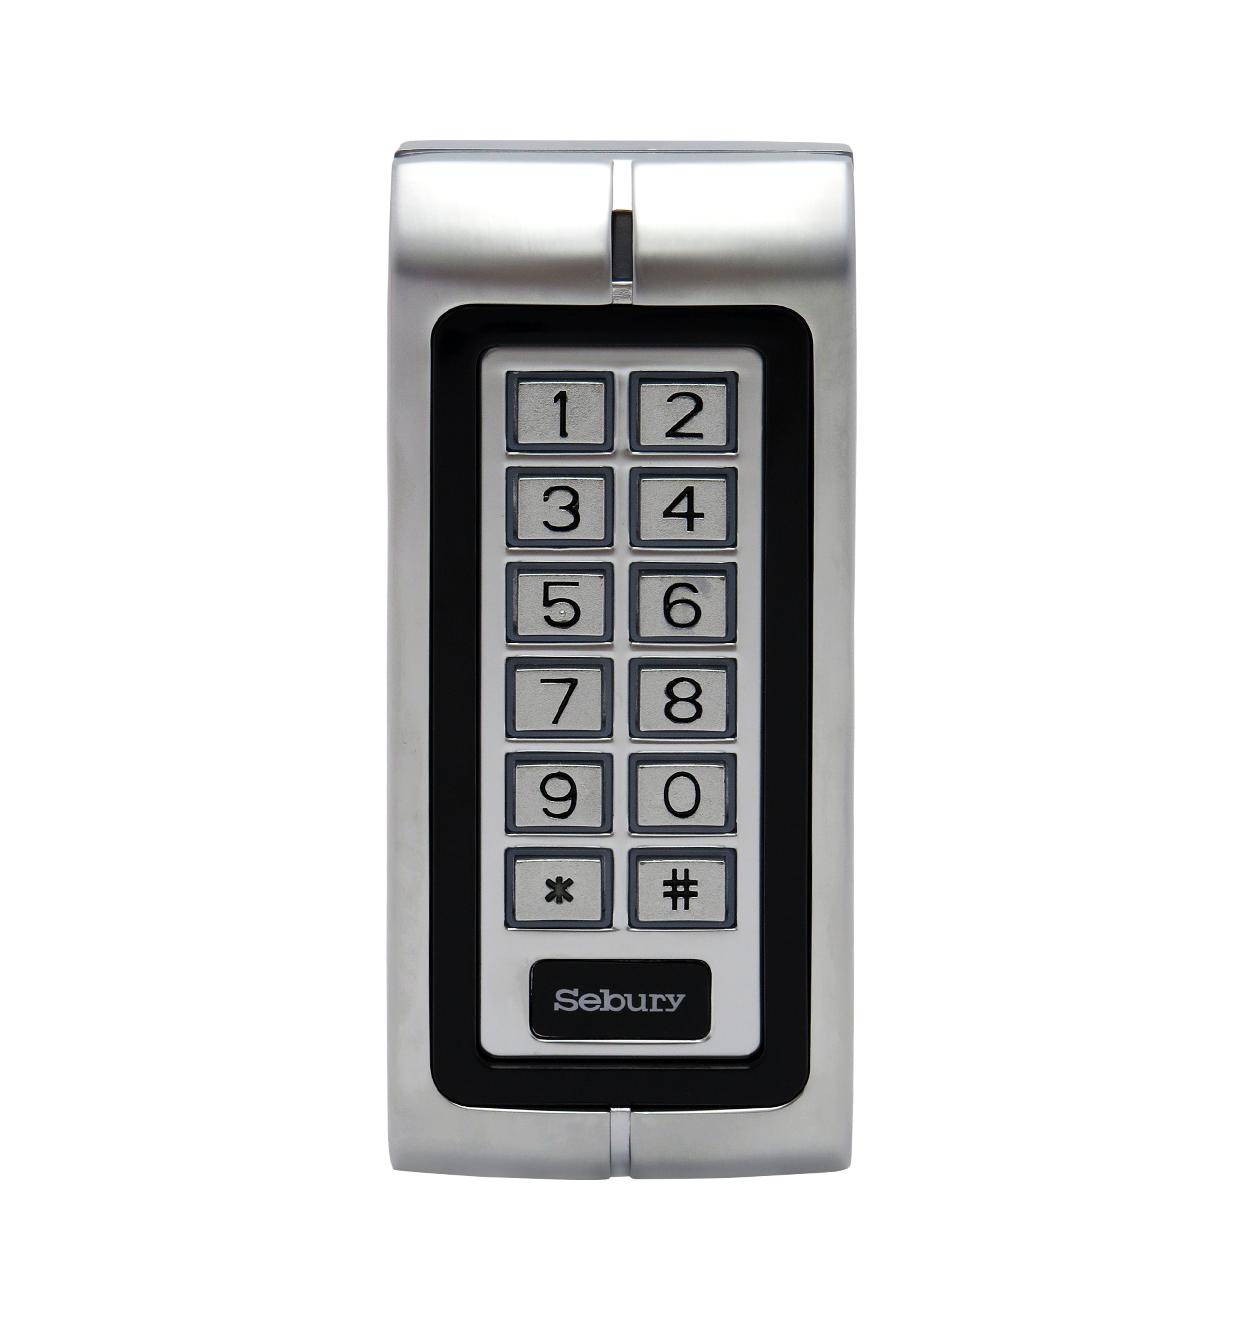 Sebury Waterproof IP65 Metal 125Khz RFID Keypad Door Access Controller